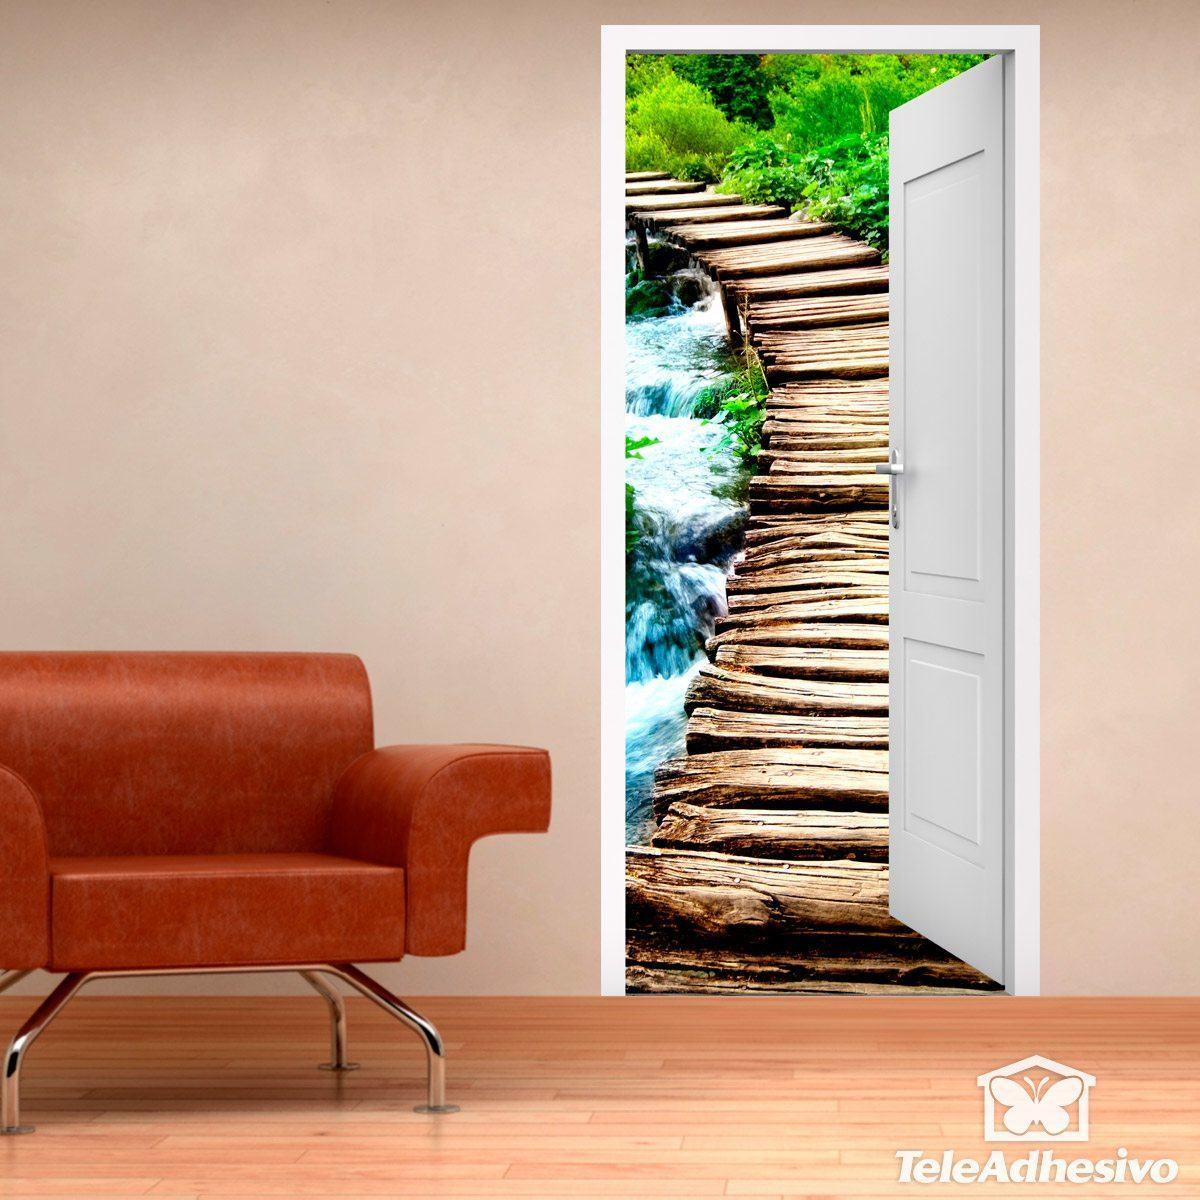 Vinilo decorativo puerta abierta a puente de madera - Vinilos decorativos para puertas ...